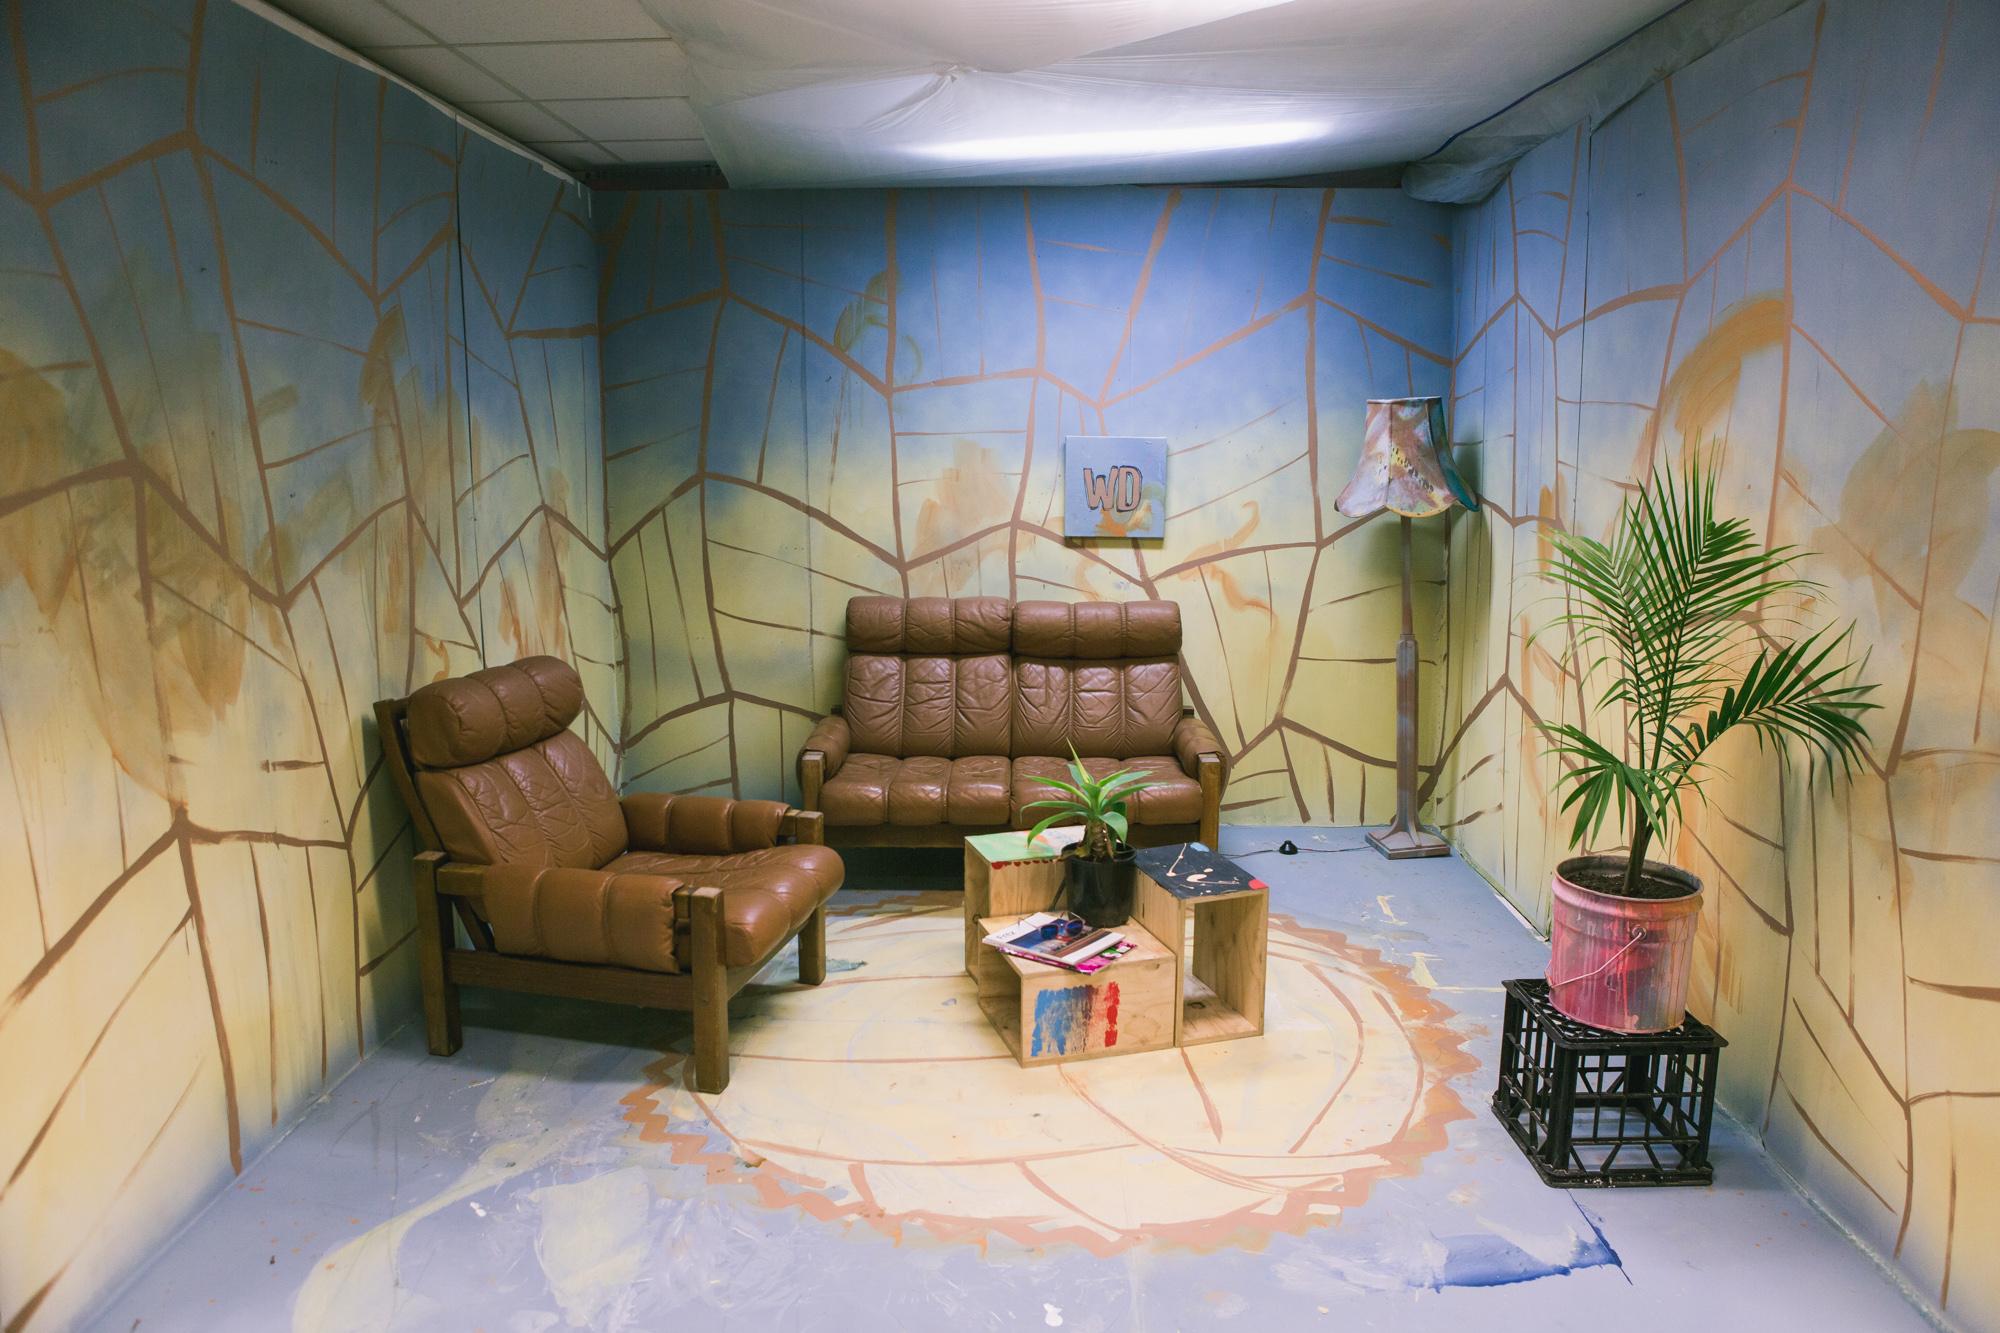 WD Room  (1 of 9).jpg